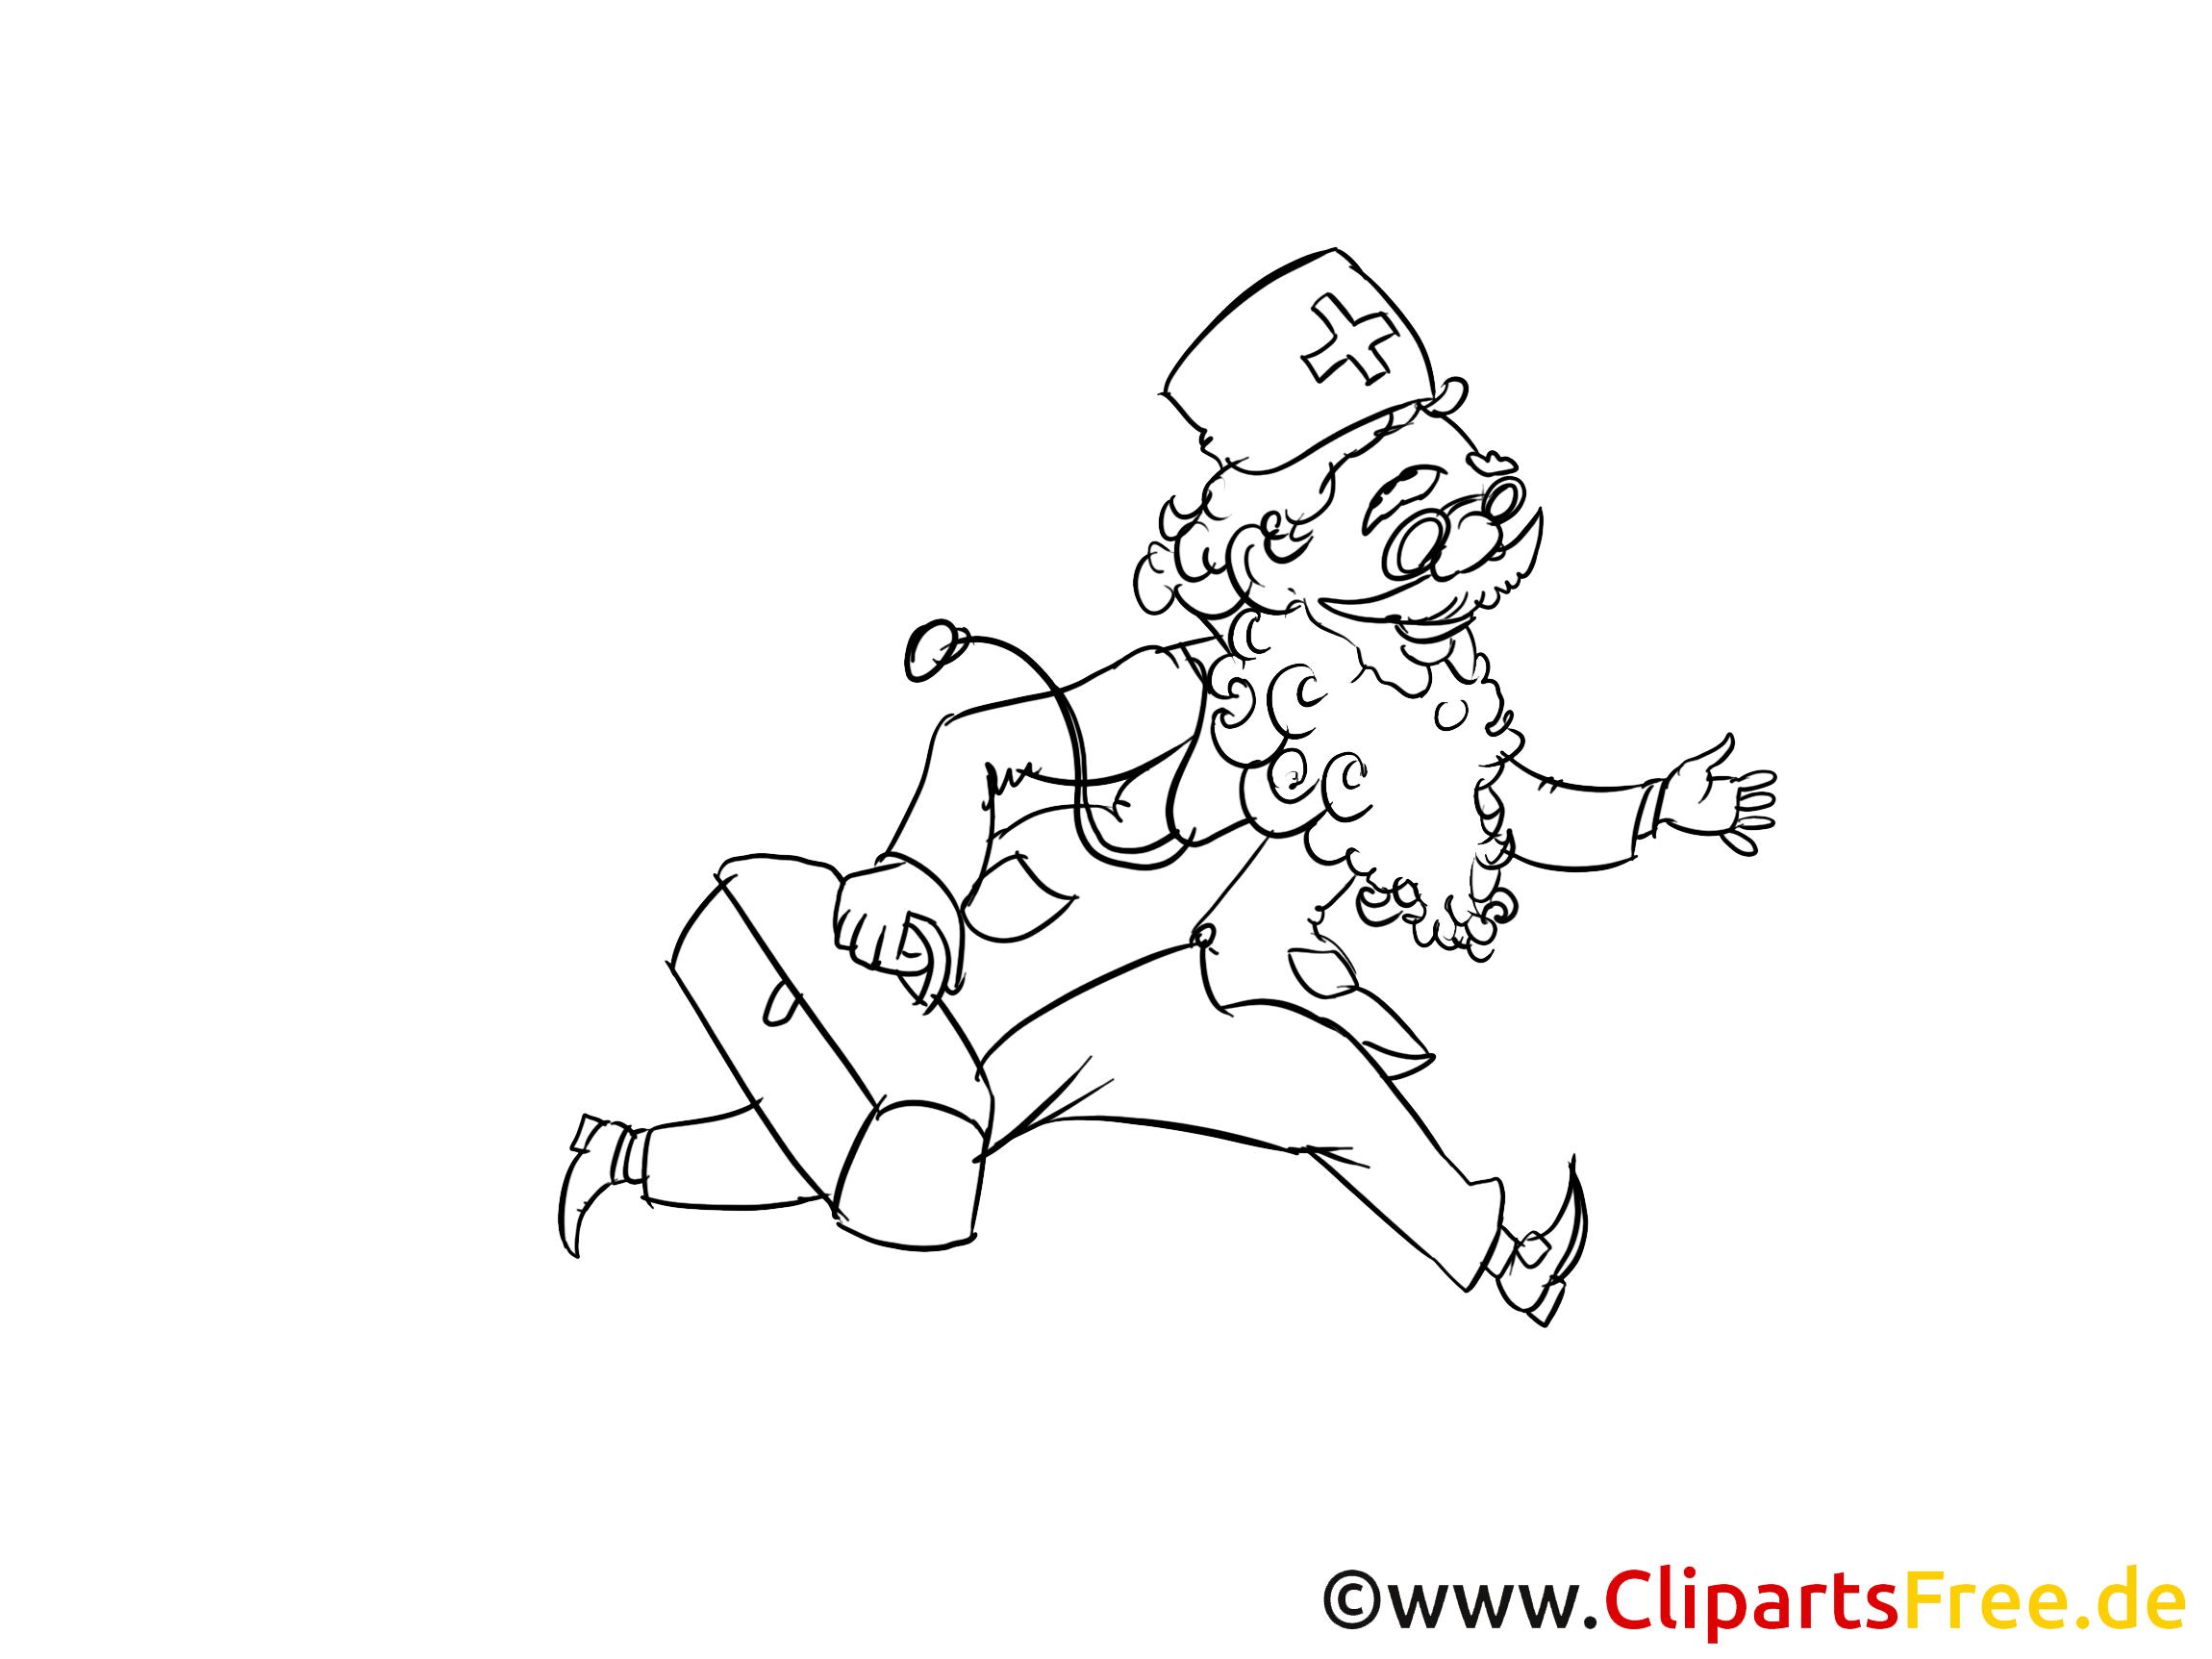 Arzt rennt zum Pazienten Zeichnung, Clipart, Bild